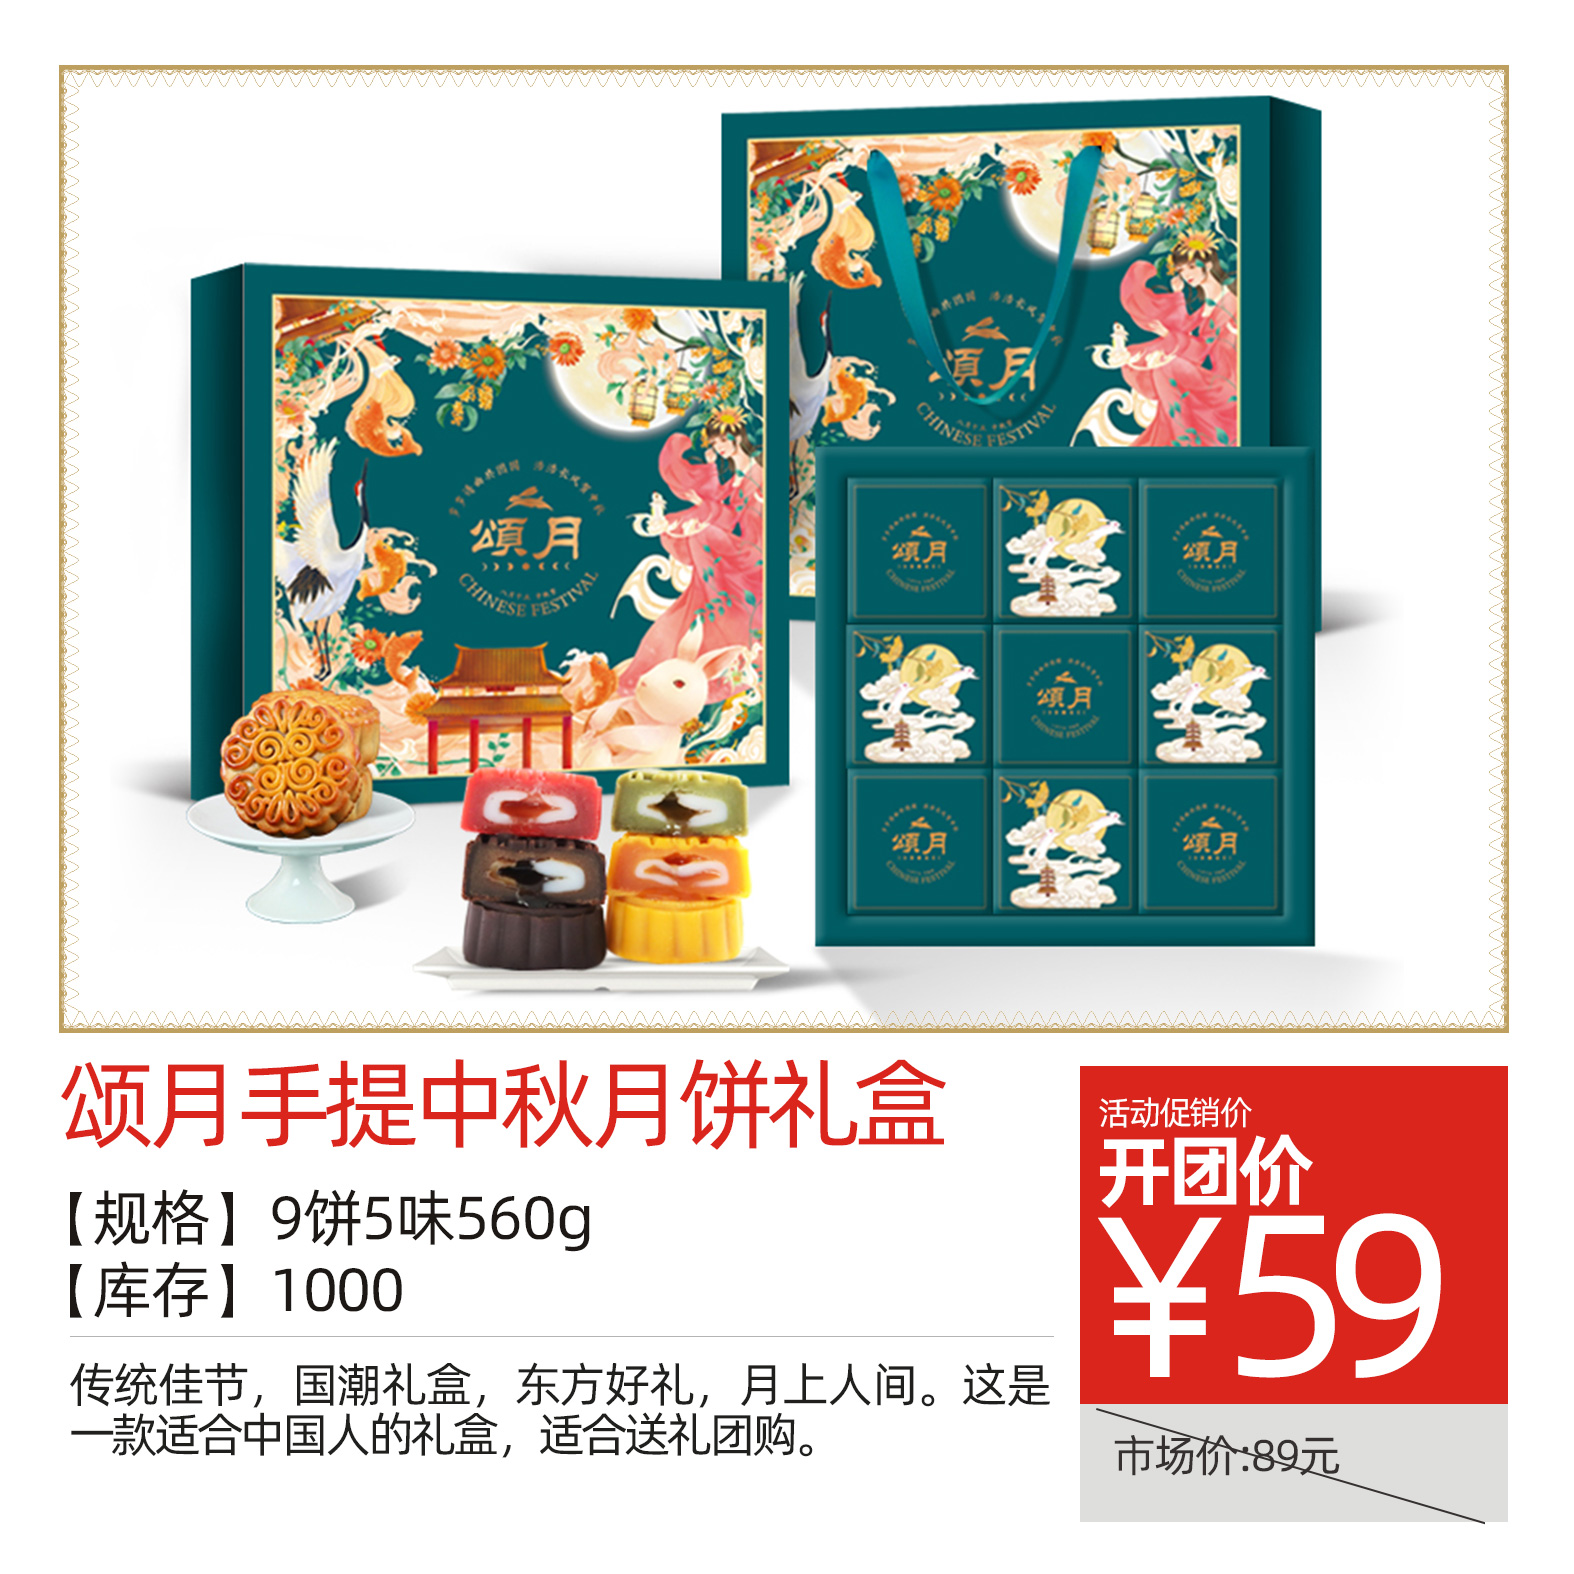 【蜜喃喃】颂月手提中秋月饼礼盒